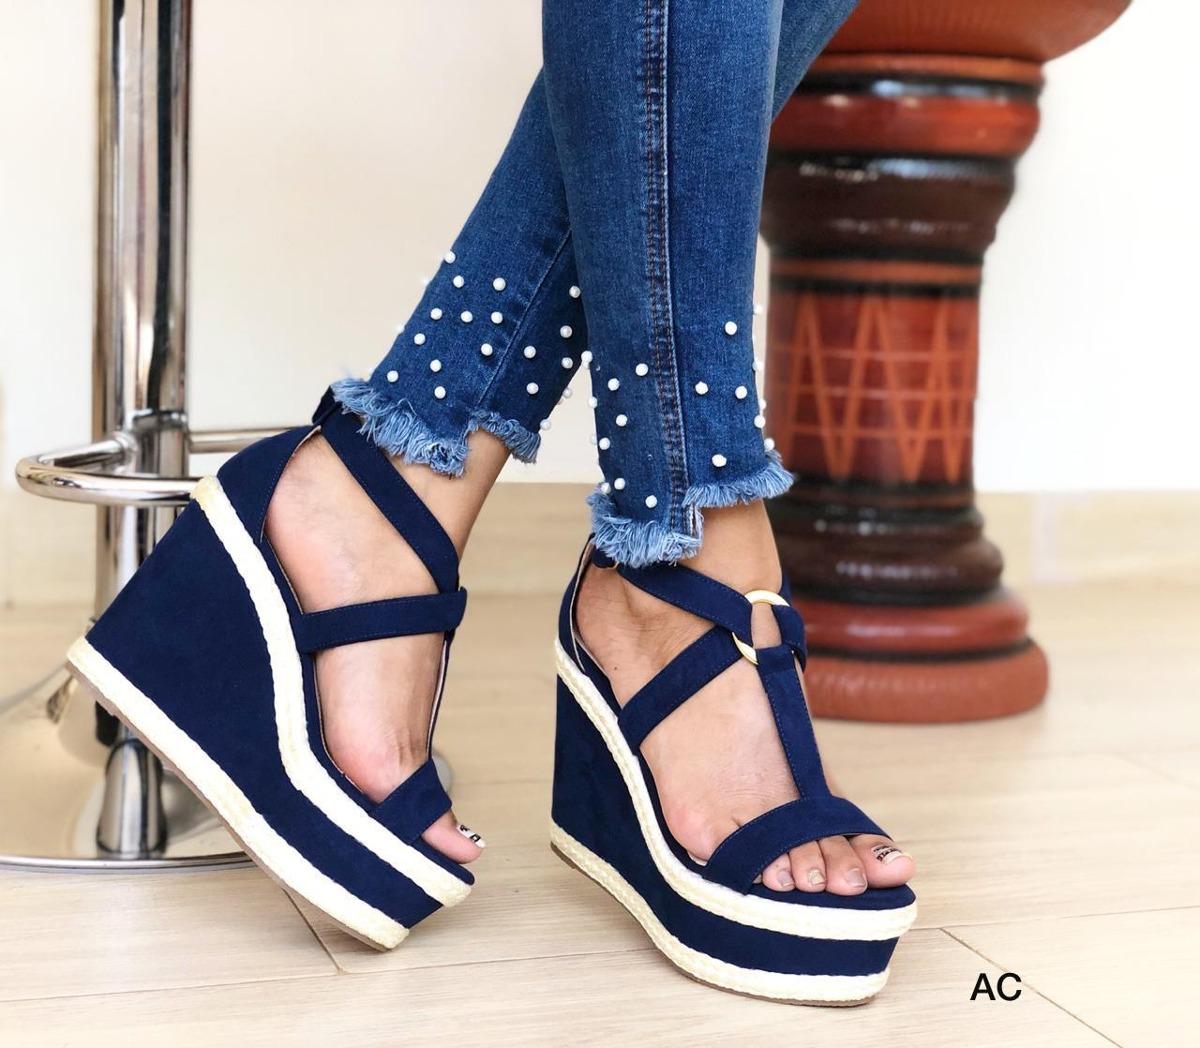 Mujer DamaElegante Moda Sandalias Calzado Plataformas Para n0PXwON8Zk